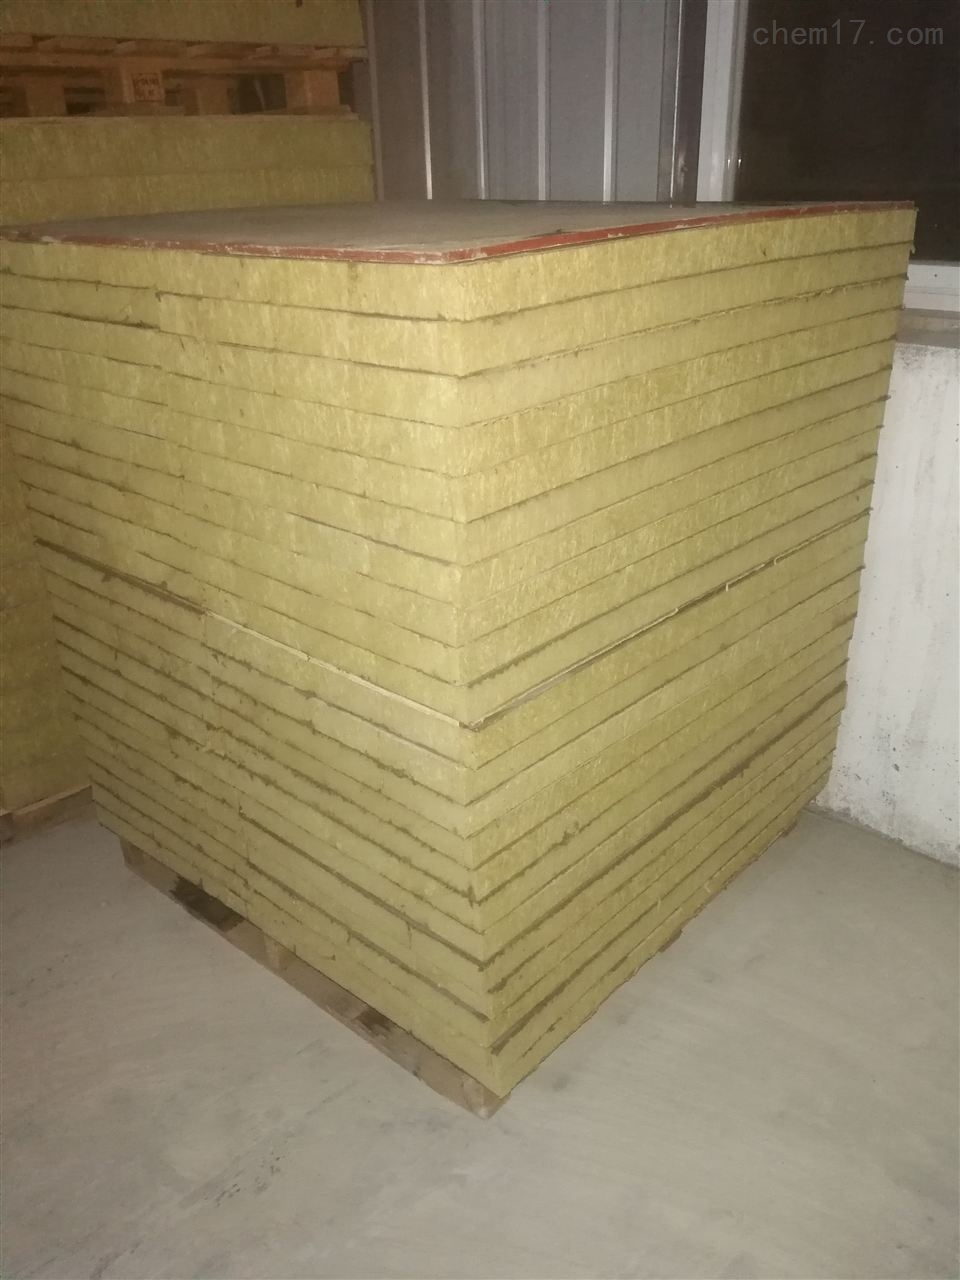 机制彩钢岩棉复合设备主要用途及使用效果